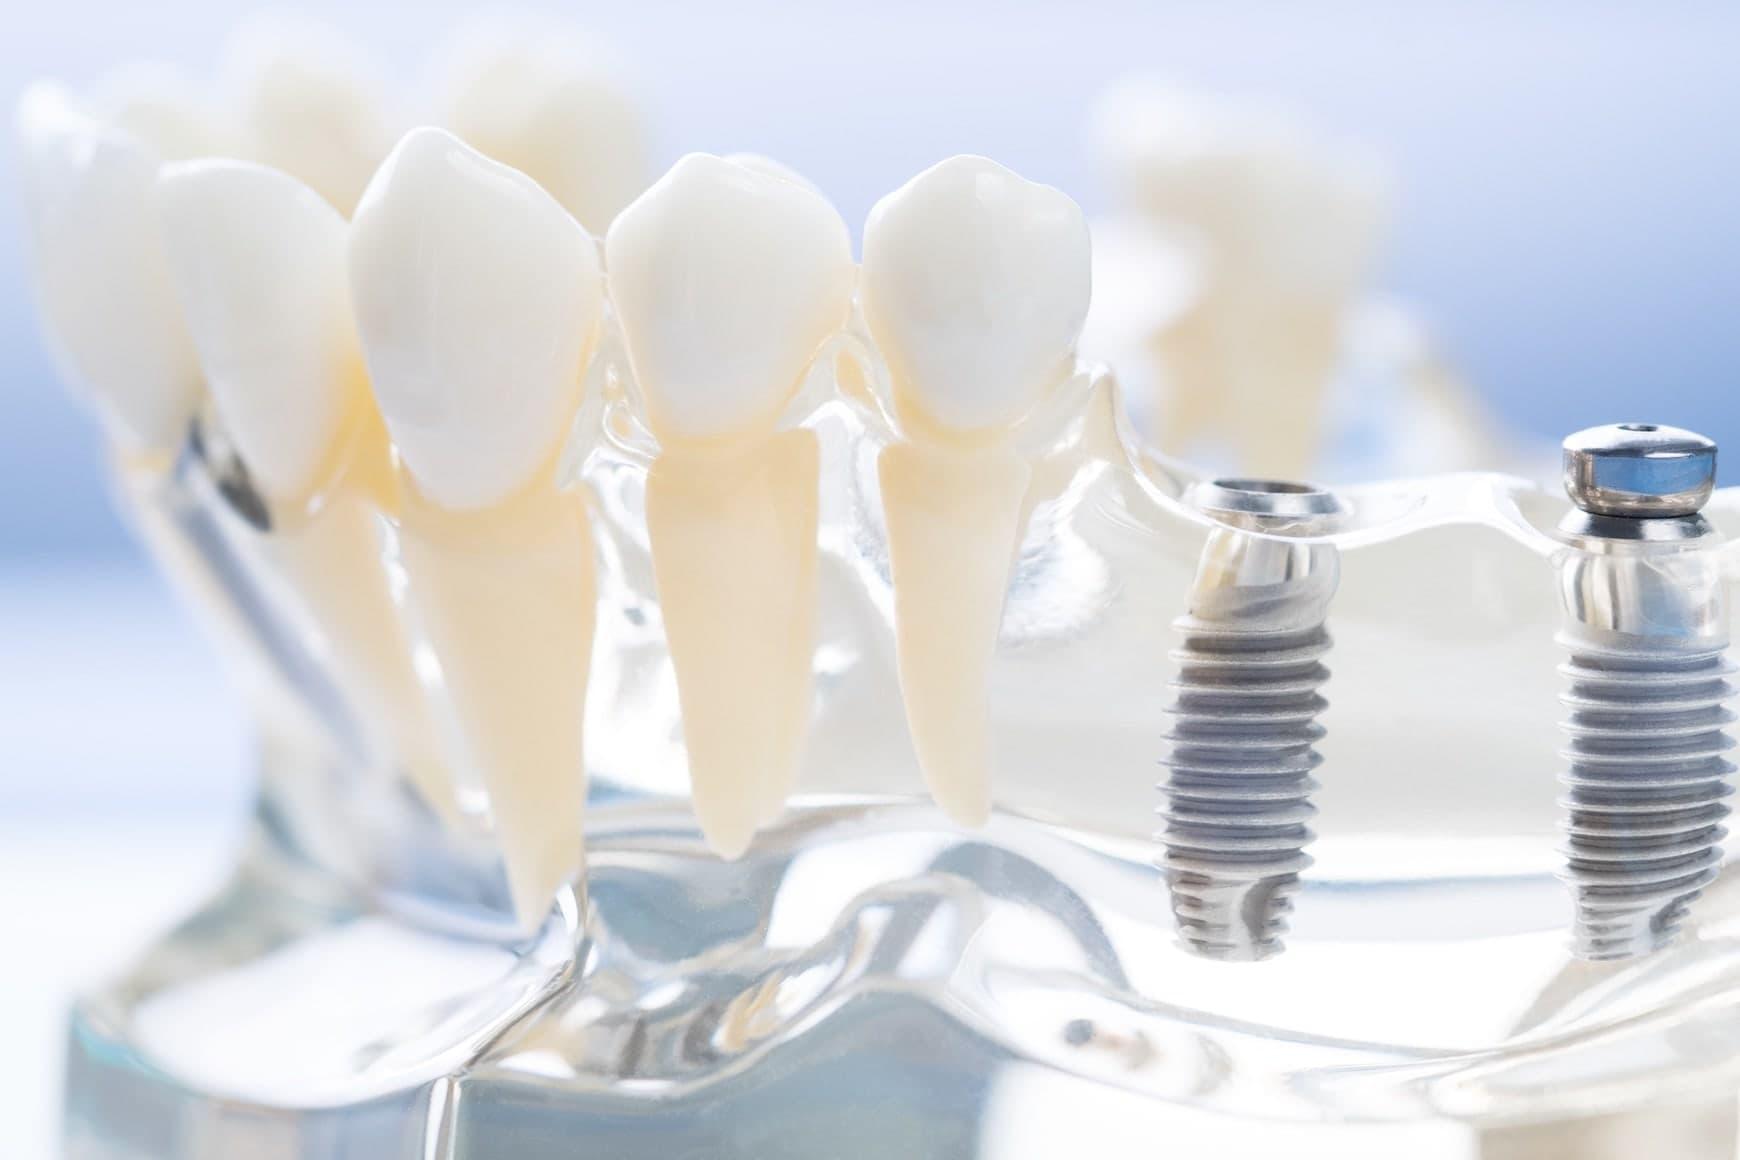 上顎のインプラント治療におけるソケットリフトとサイナスリフト